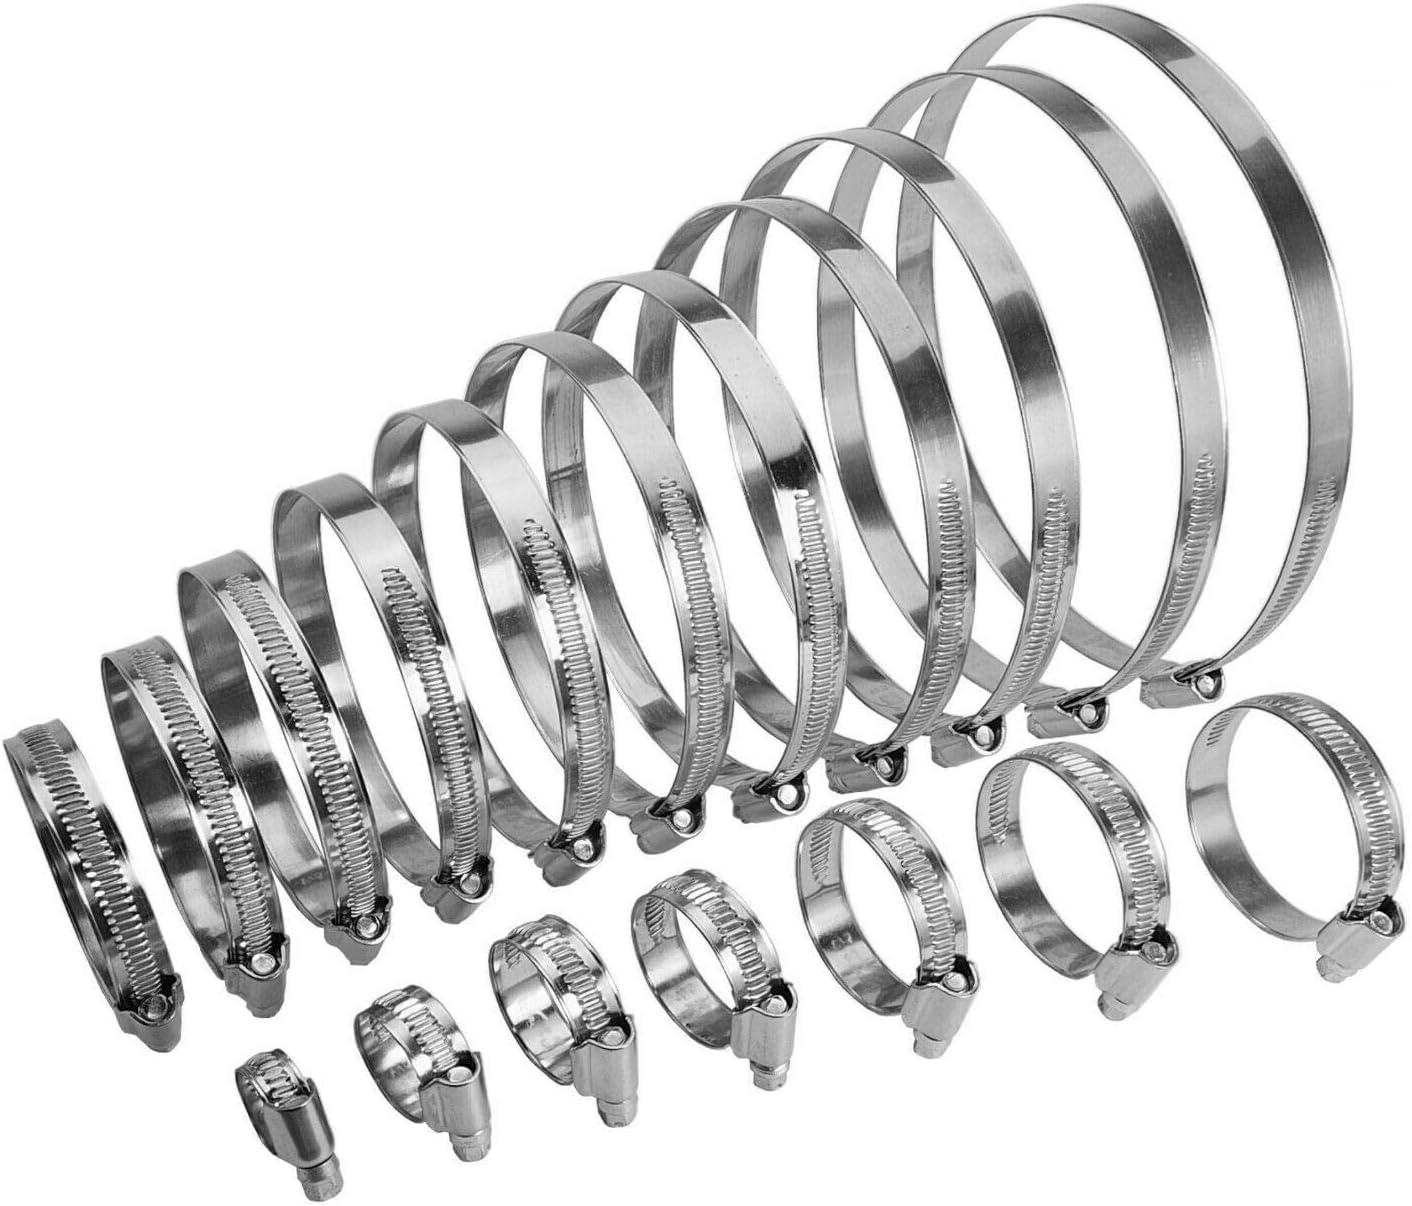 Spannbereich 50-70 mm 5 St/ück Schlauchschellen Edelstahl V4A W5 DIN 3017 Bandbreite 9 mm